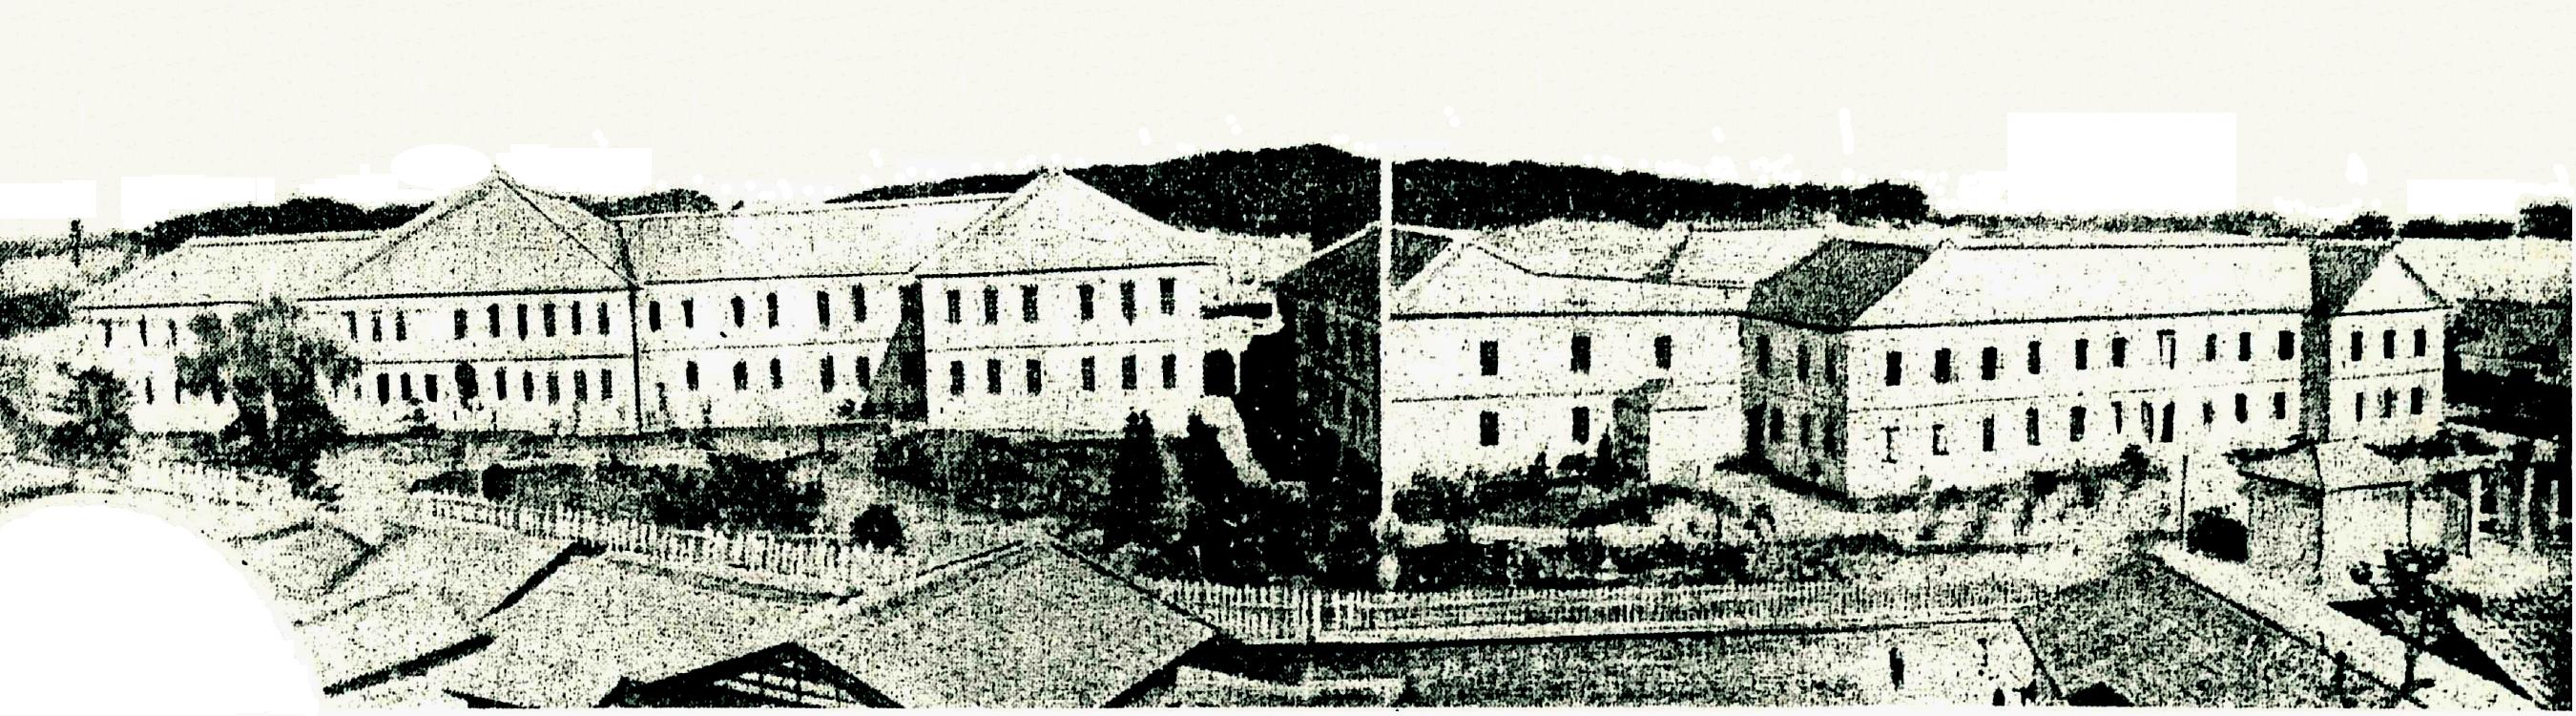 官立新潟師範学校-新潟大学創立60周年、教育学部創立135周年記念 ...